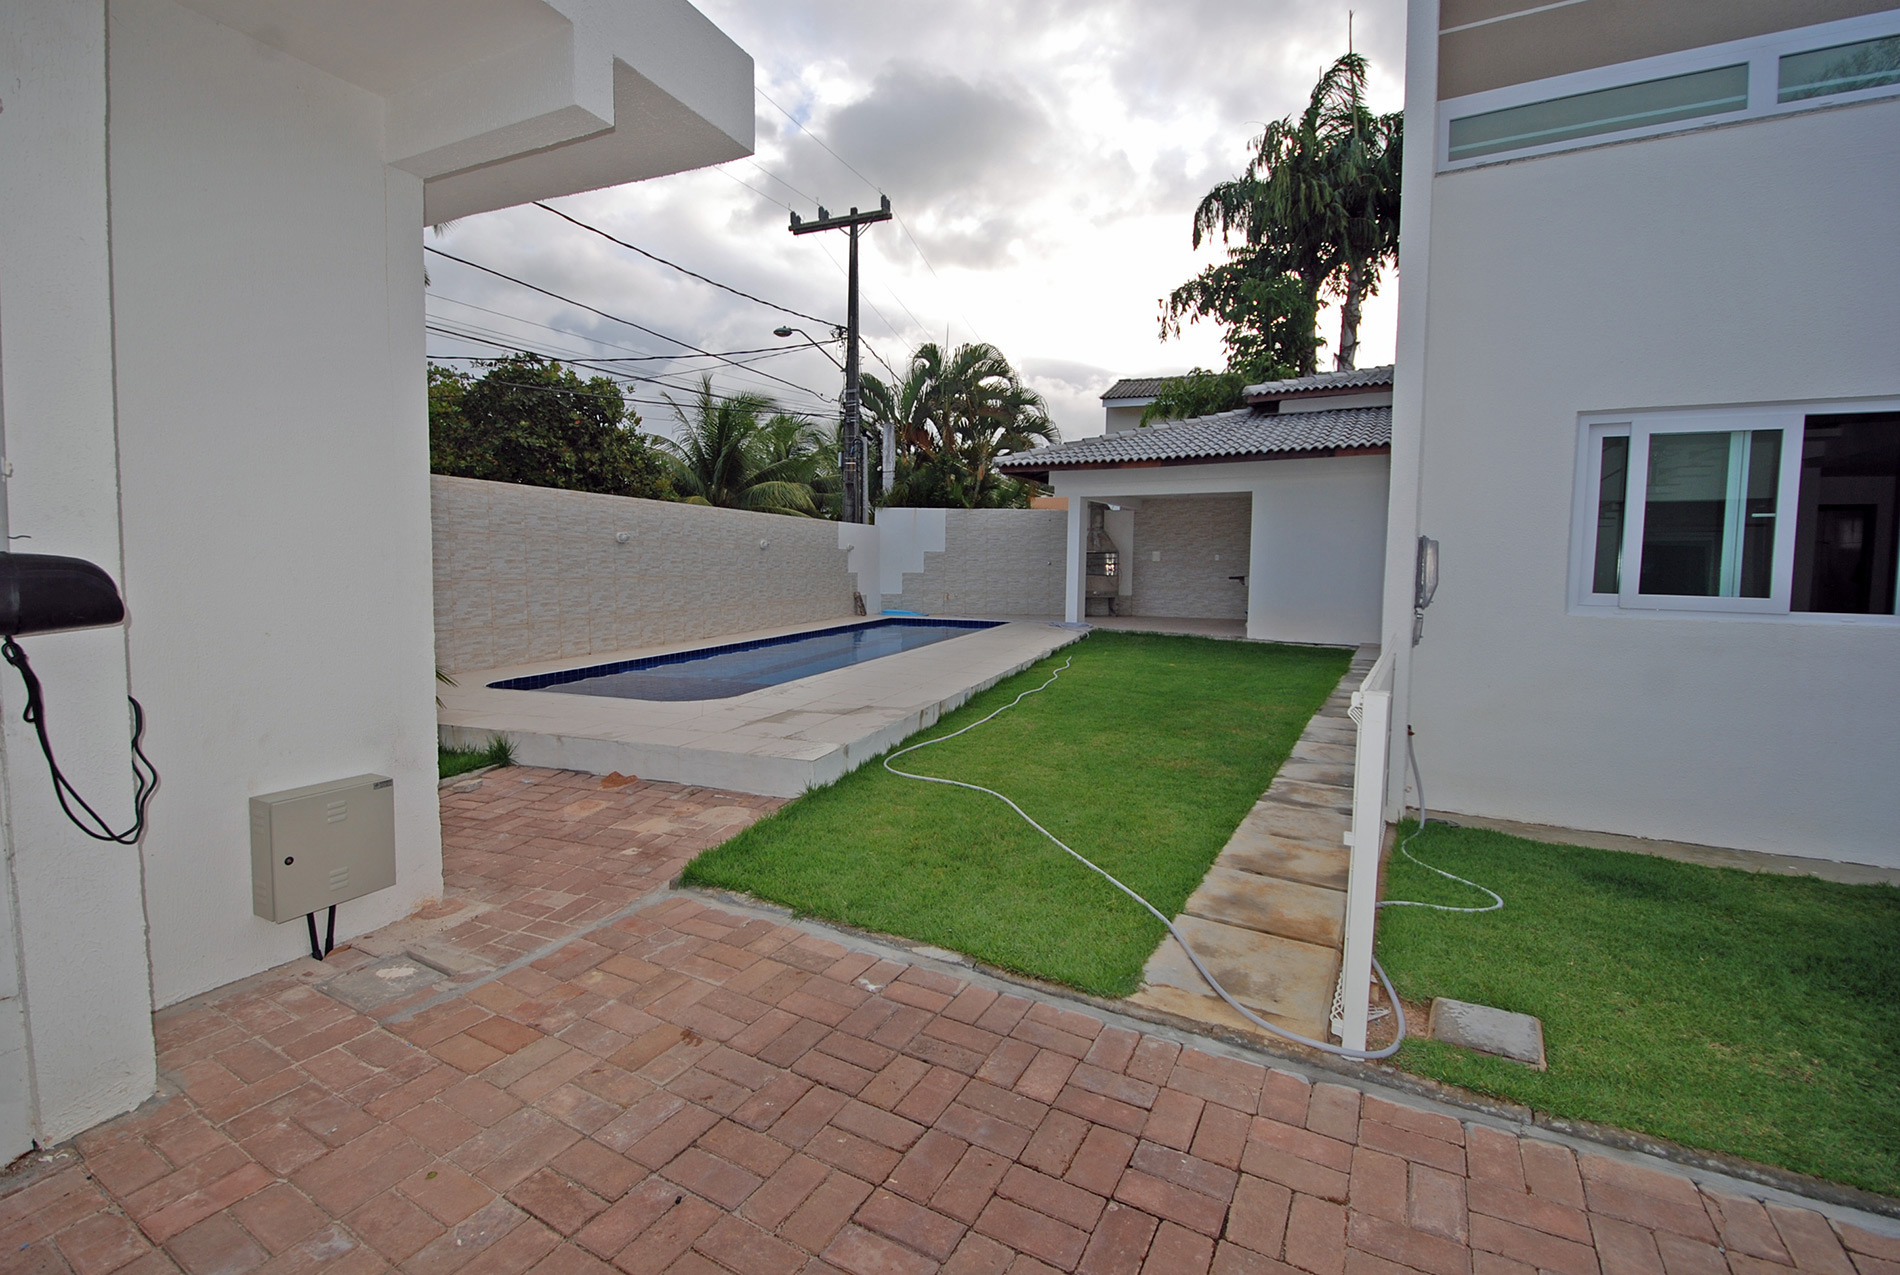 Nuova casa in vendita a buraquinho a 600 m dalla spiaggia for Casa con 6 camere da letto in vendita vicino a me